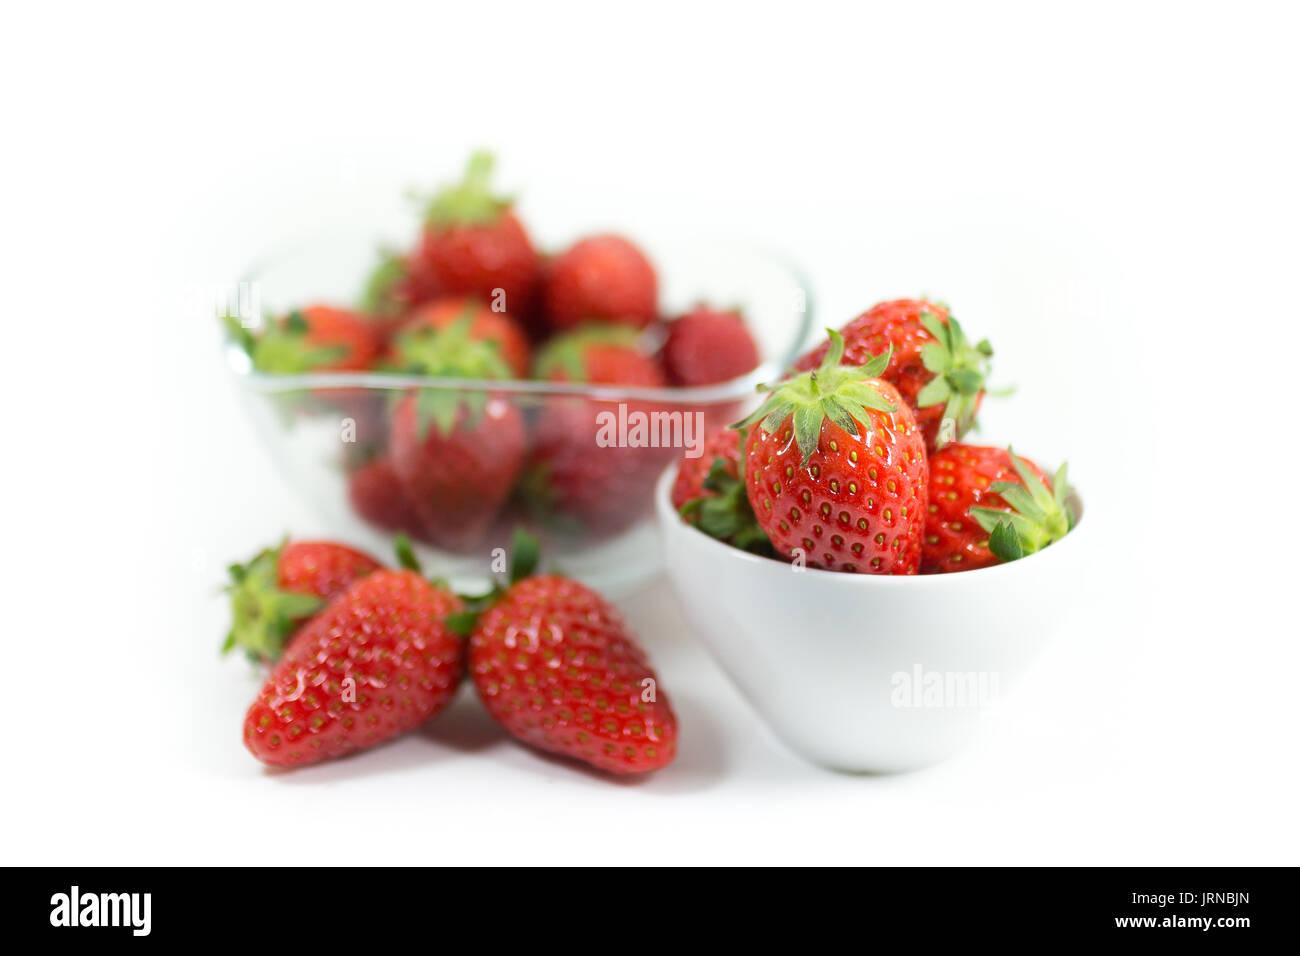 fresh ripe strawberries isolated on white background - Stock Image